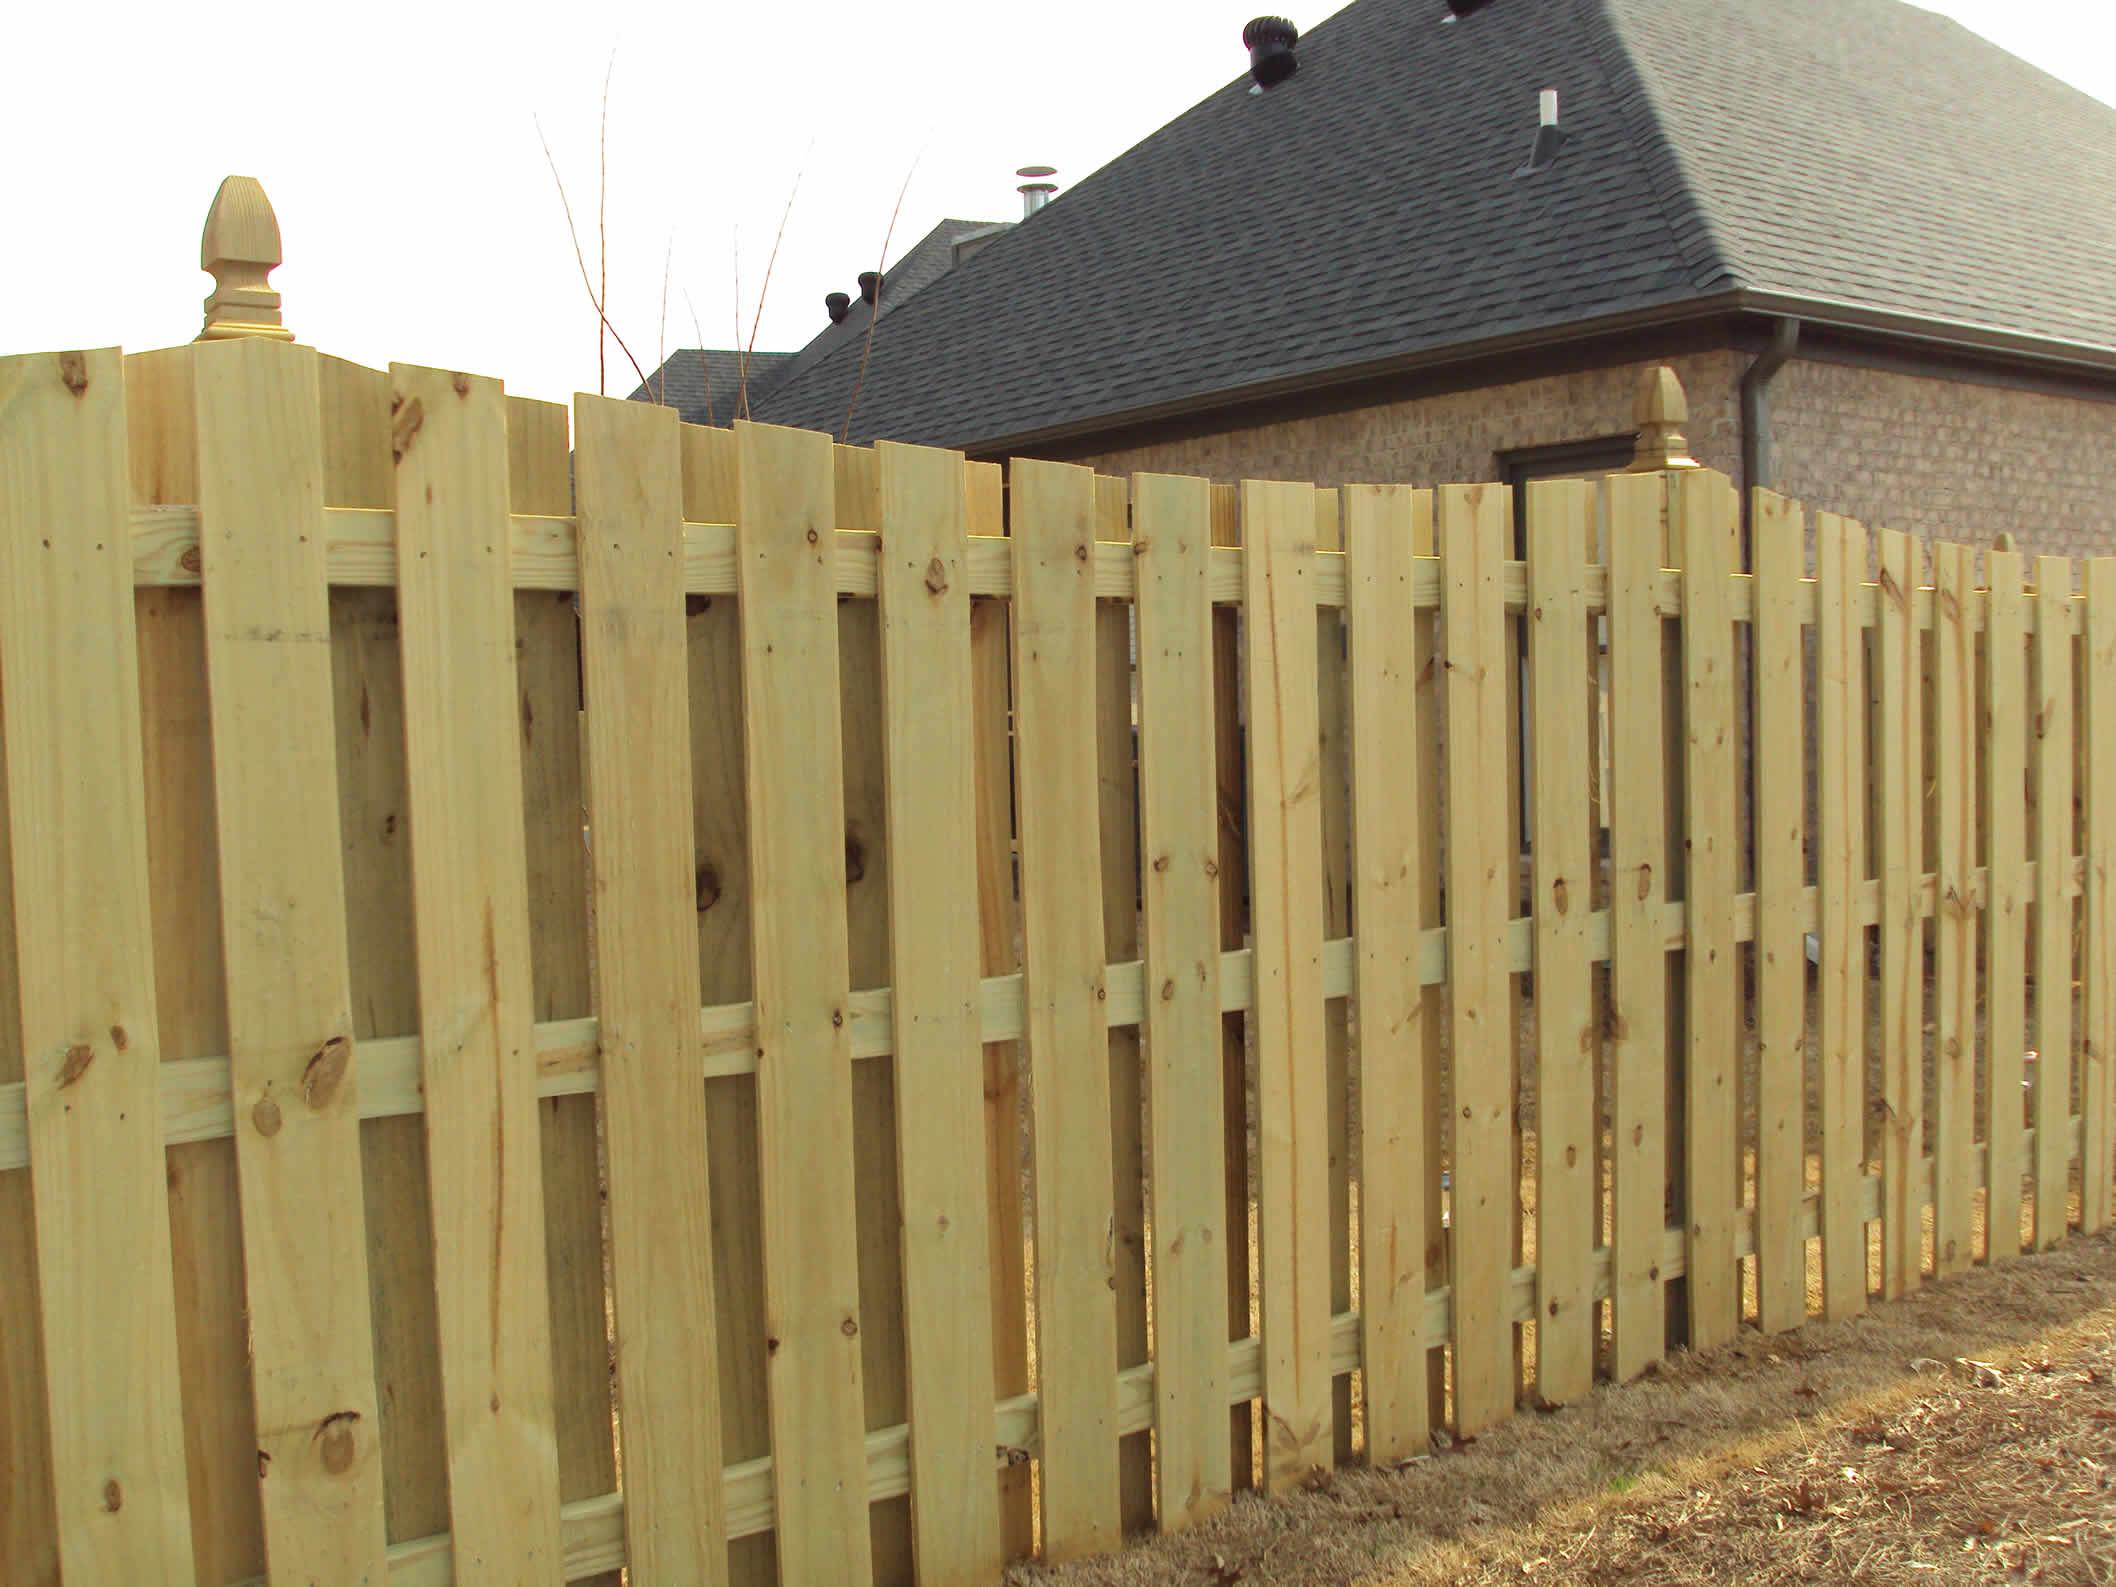 Wood Fencing Birmingham Al Fence Contractor